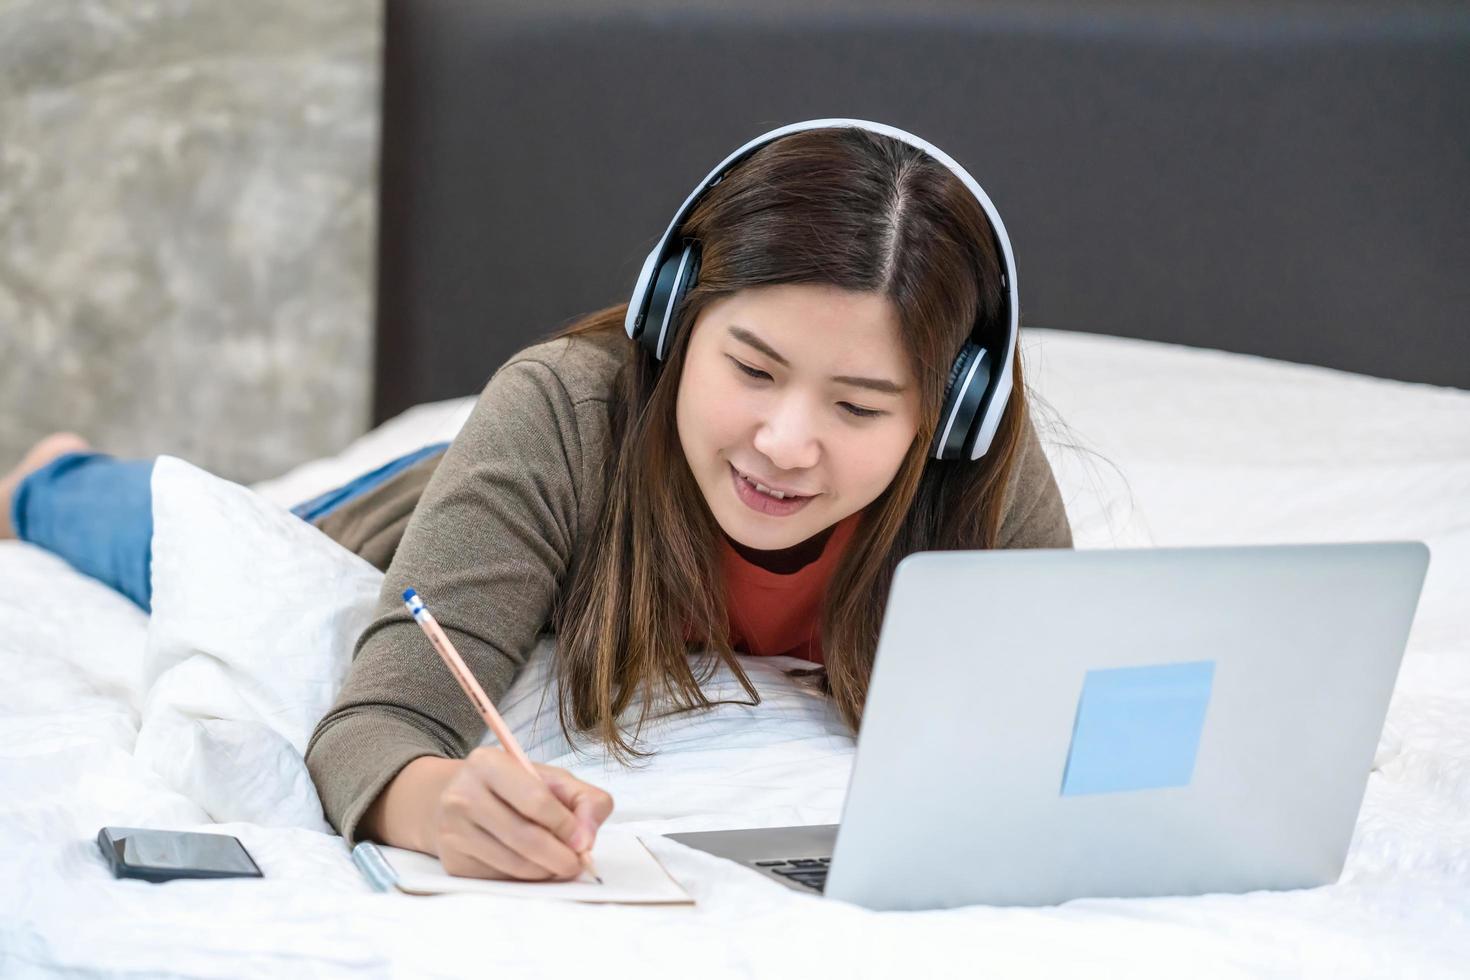 junge asiatische Frau mit Laptop und Schreiben zu Hause foto